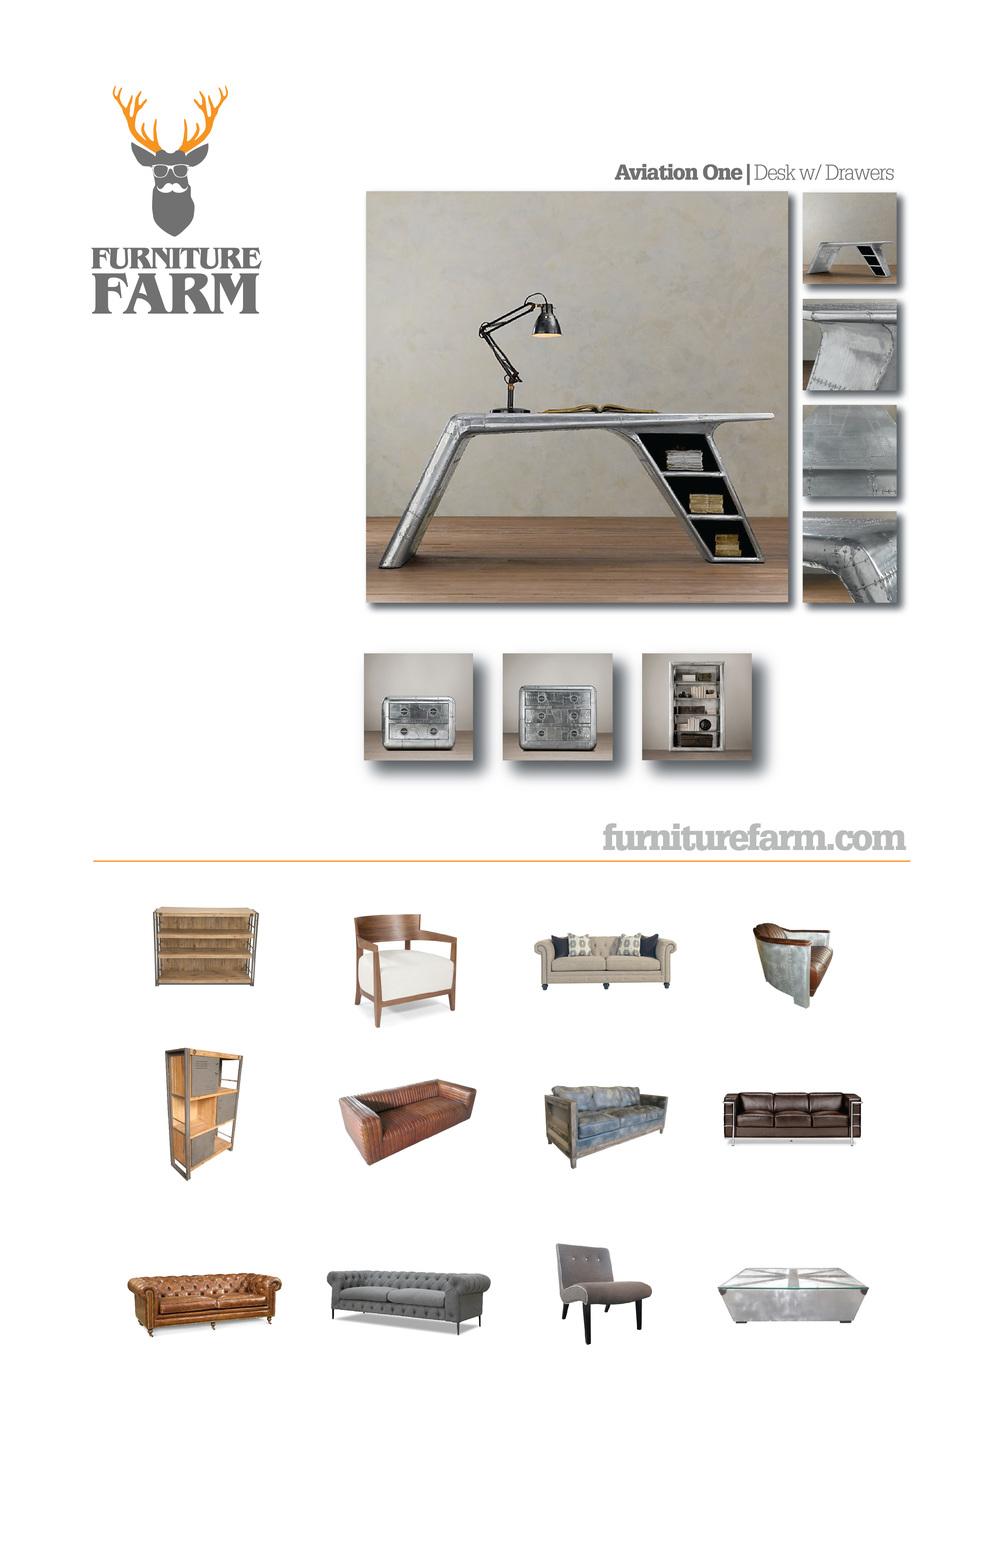 furn_farm.jpg